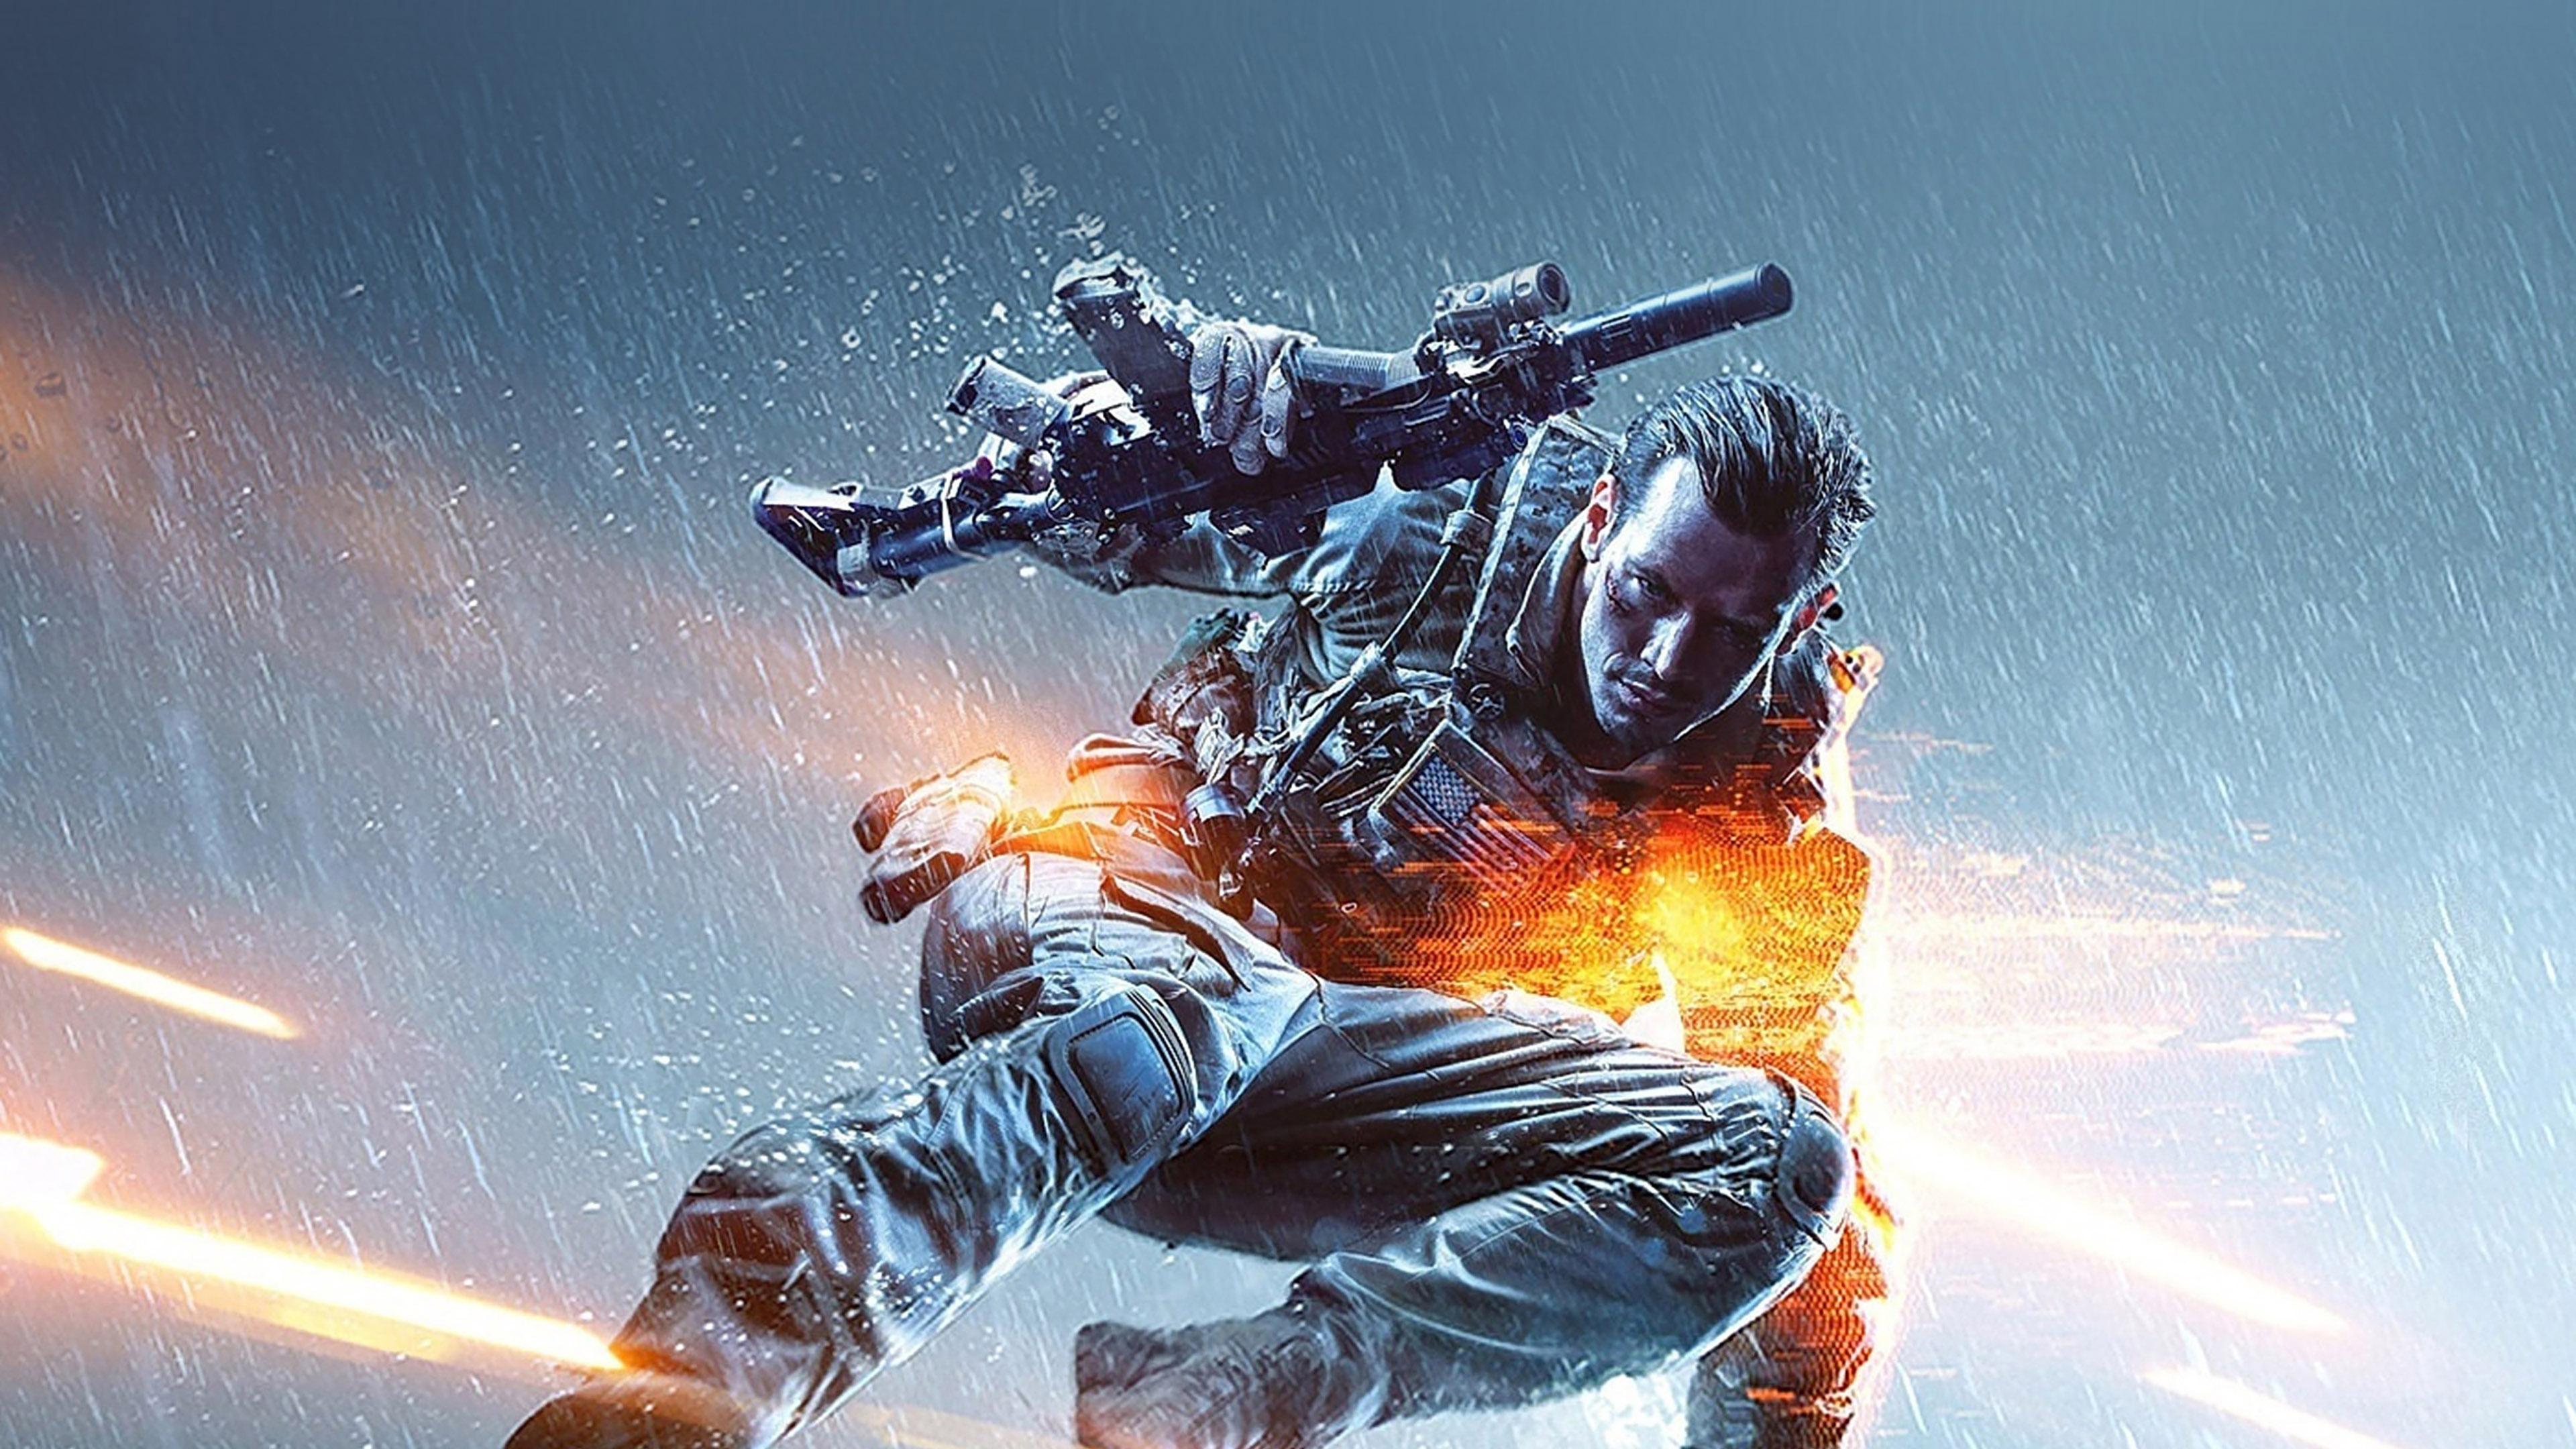 Aa92-wallpaper-battlefield-4-jump-game